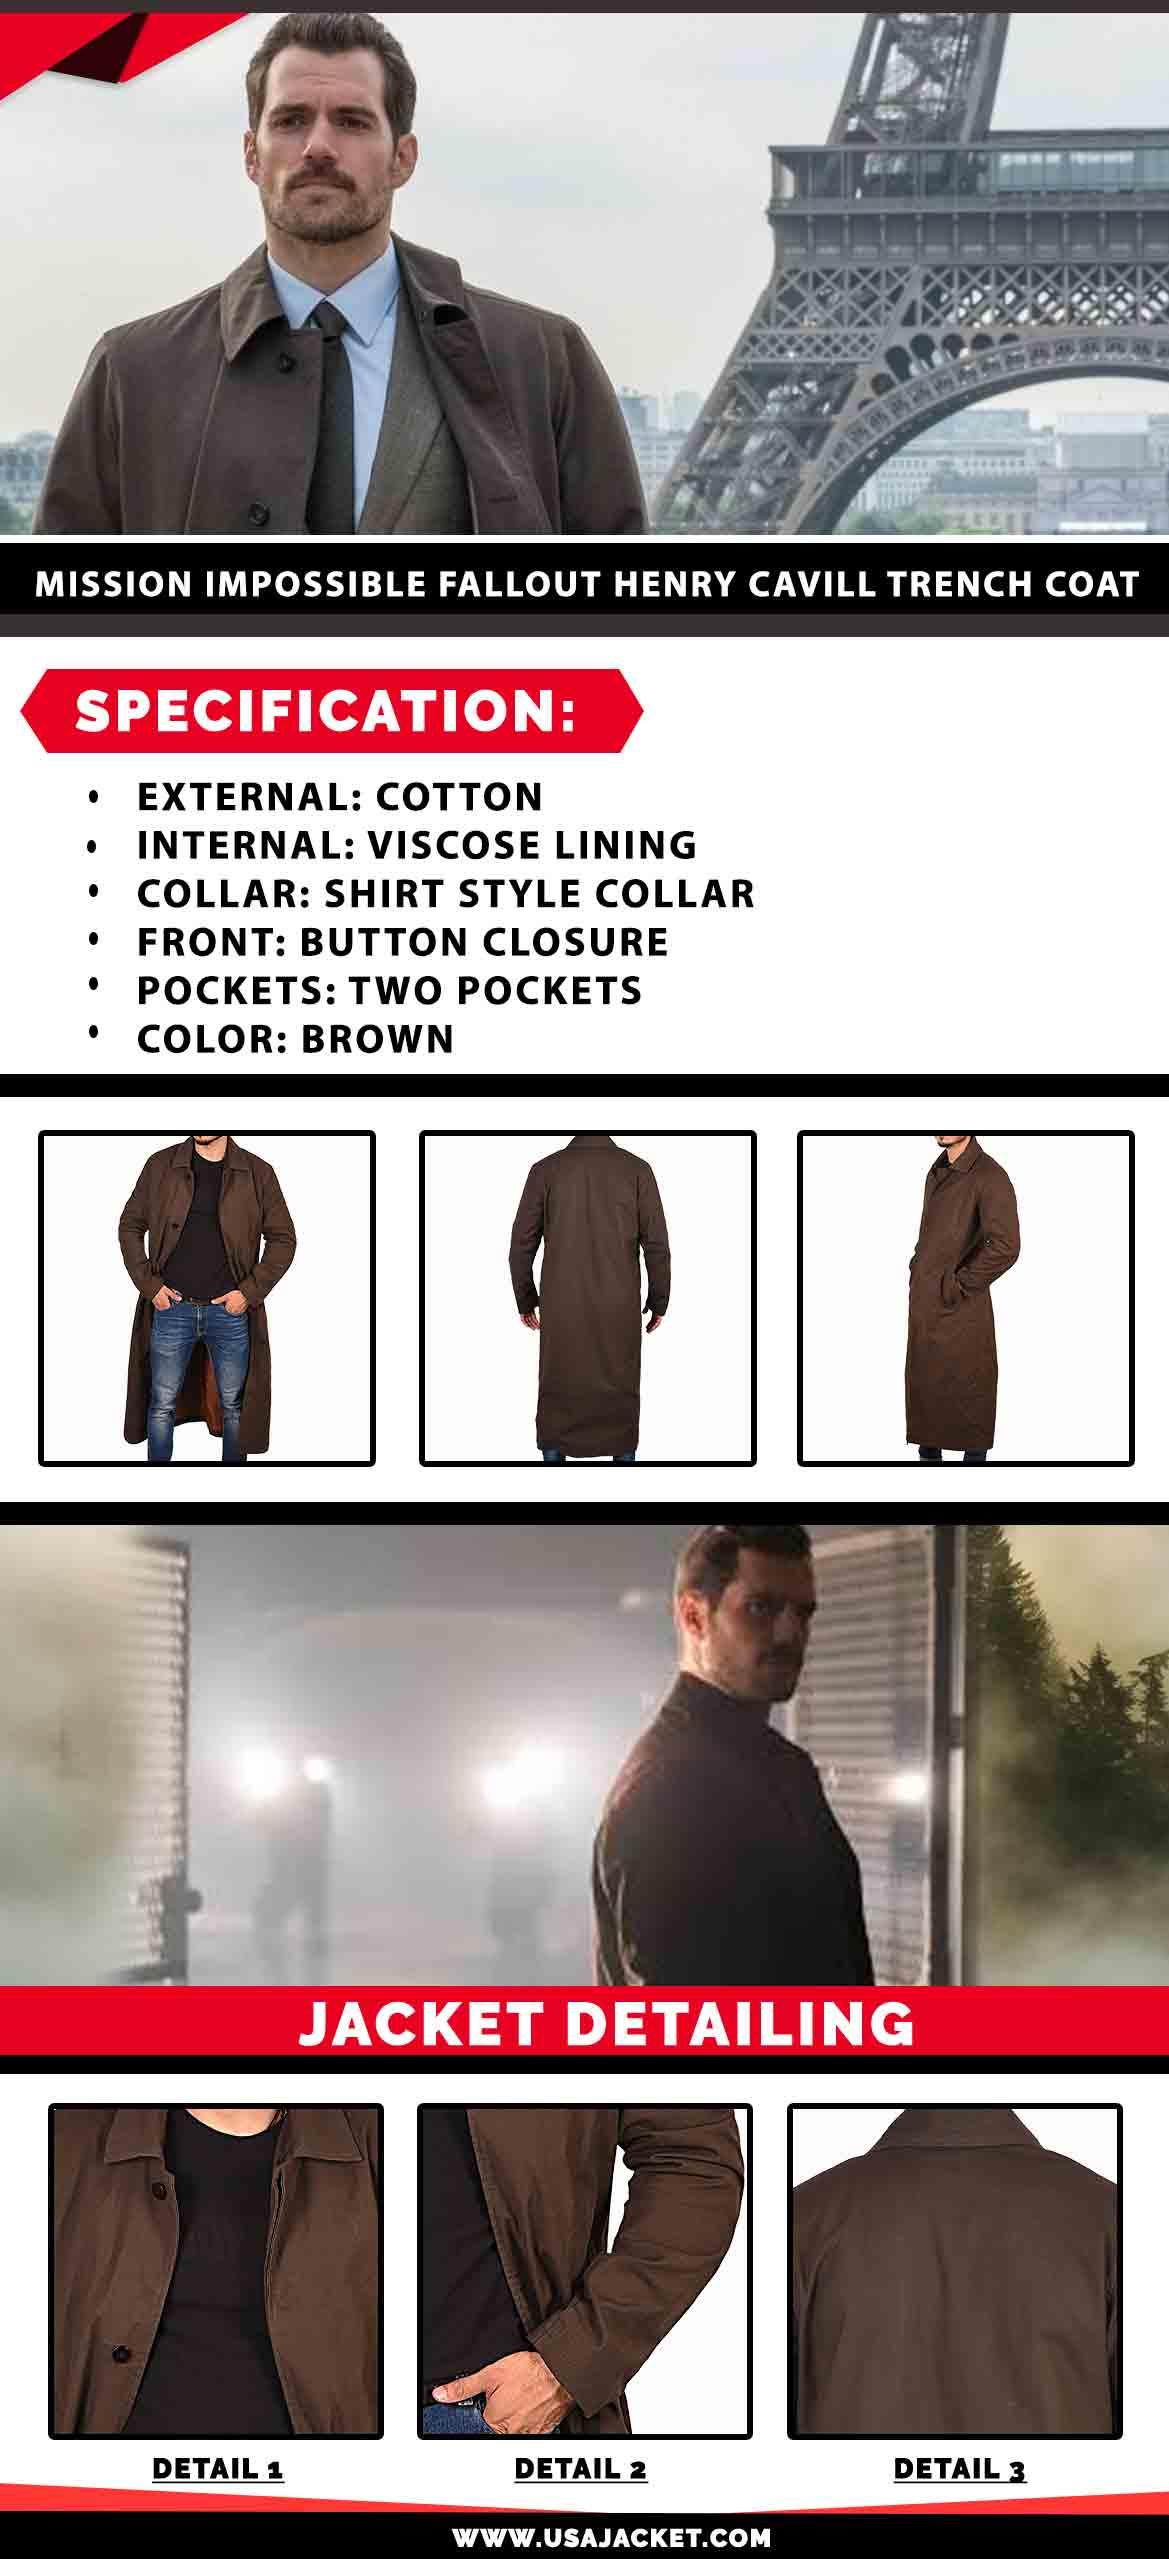 Henry Cavill Trench Coat